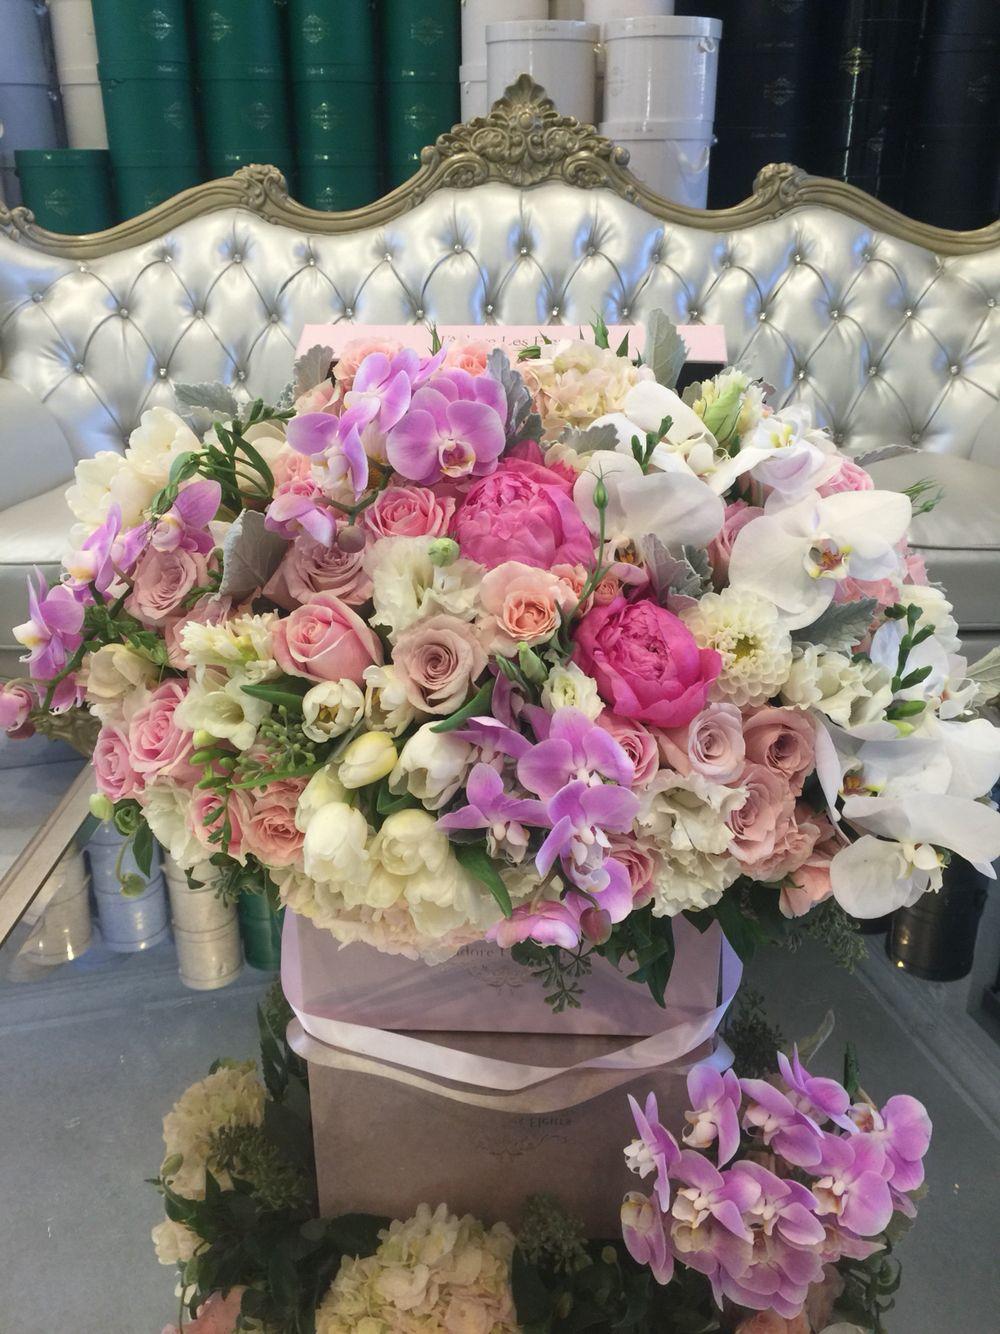 j'adore les fleurs | j'adore les fleurs | pinterest | flowers